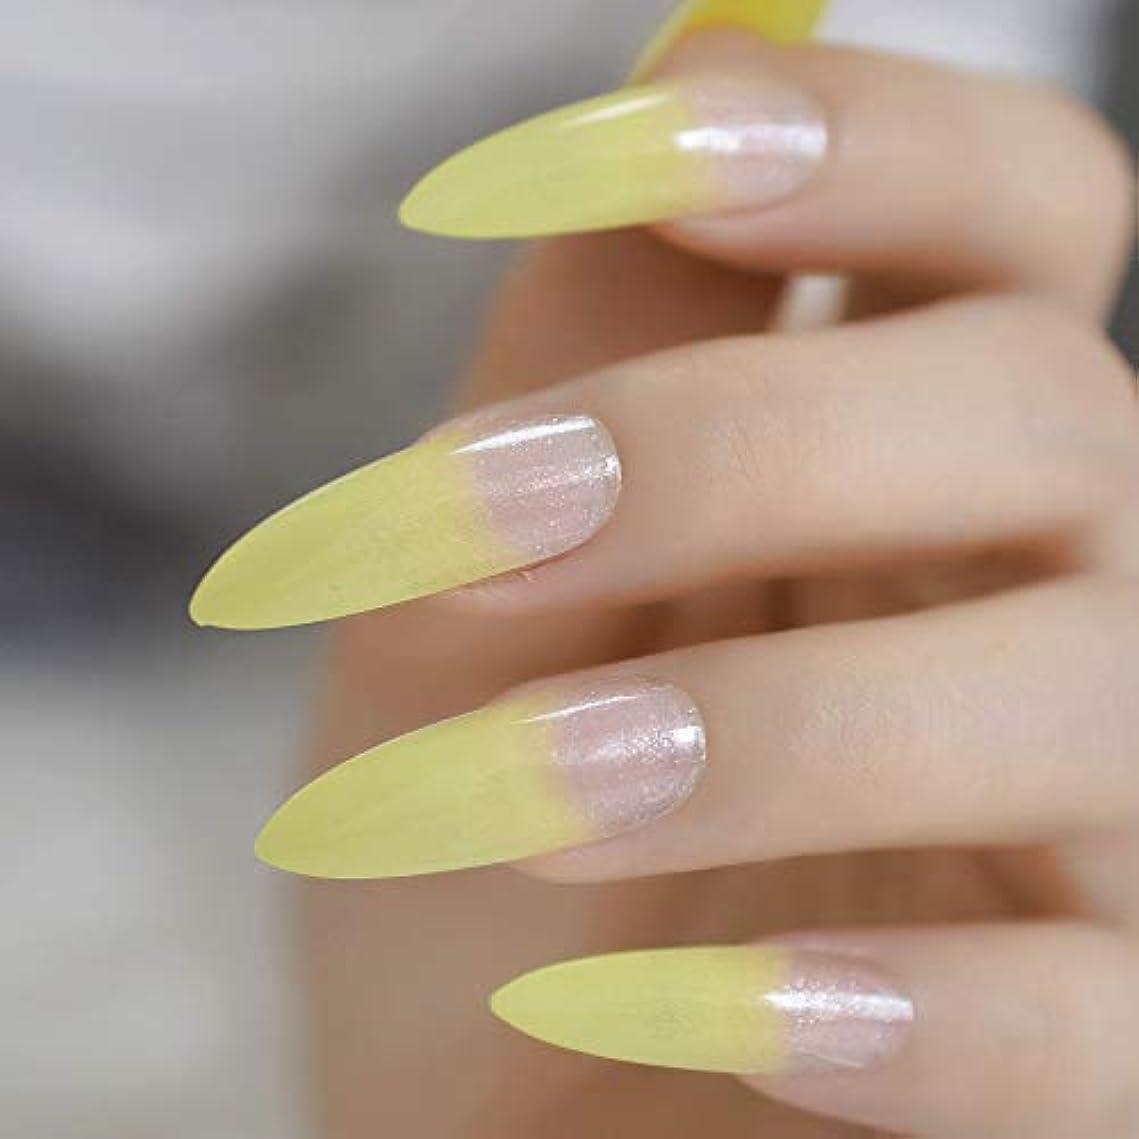 島検出公平XUTXZKA 偽の指の爪のエクステンションデコに余分な長い爪の明るい黄色のグラデーションプレス